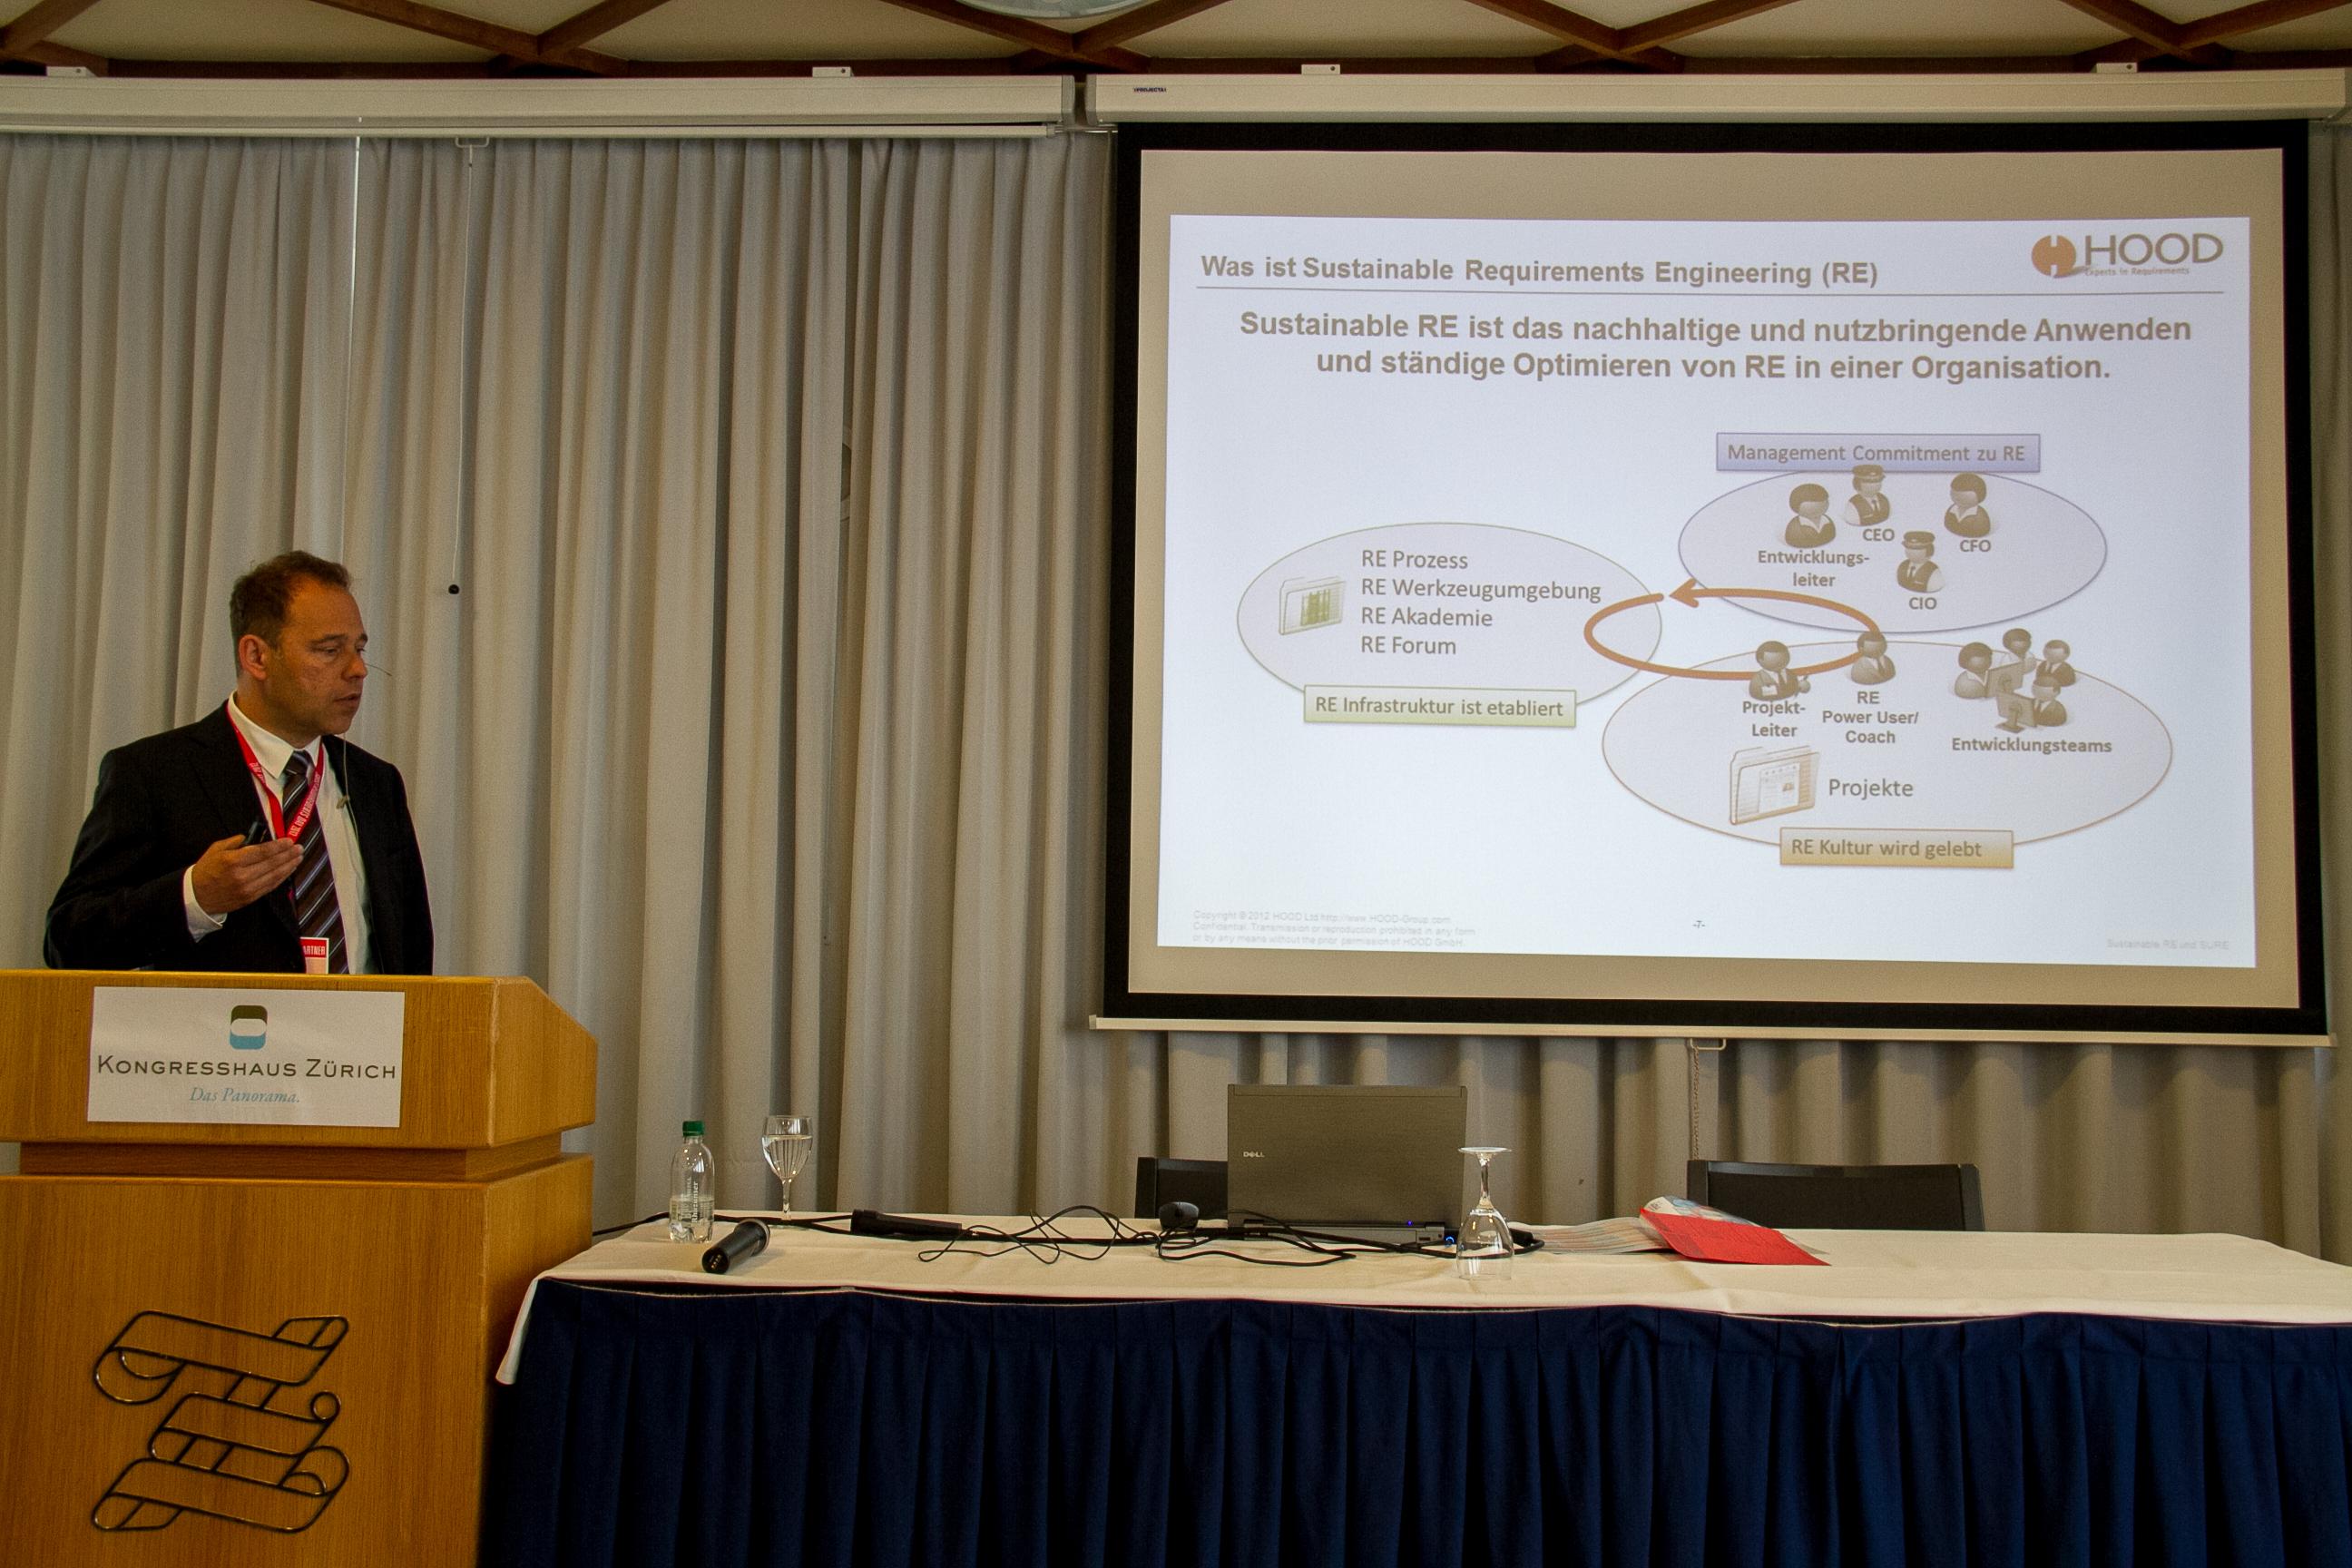 Frank Stöckel über nachhaltiges Requirements Engineering